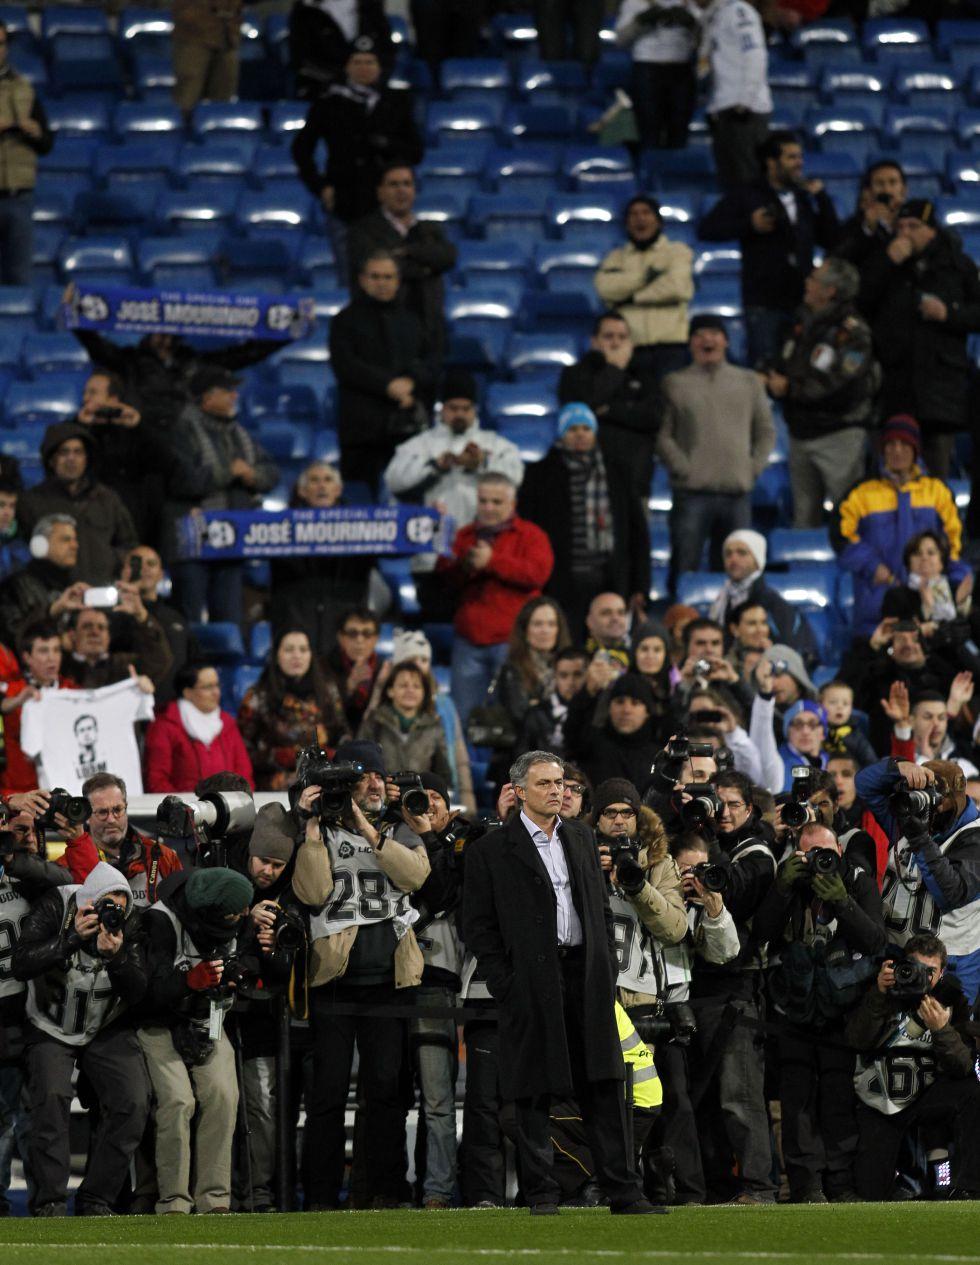 Ovación comedida a Mourinho cuando salió a las 21.20 horas